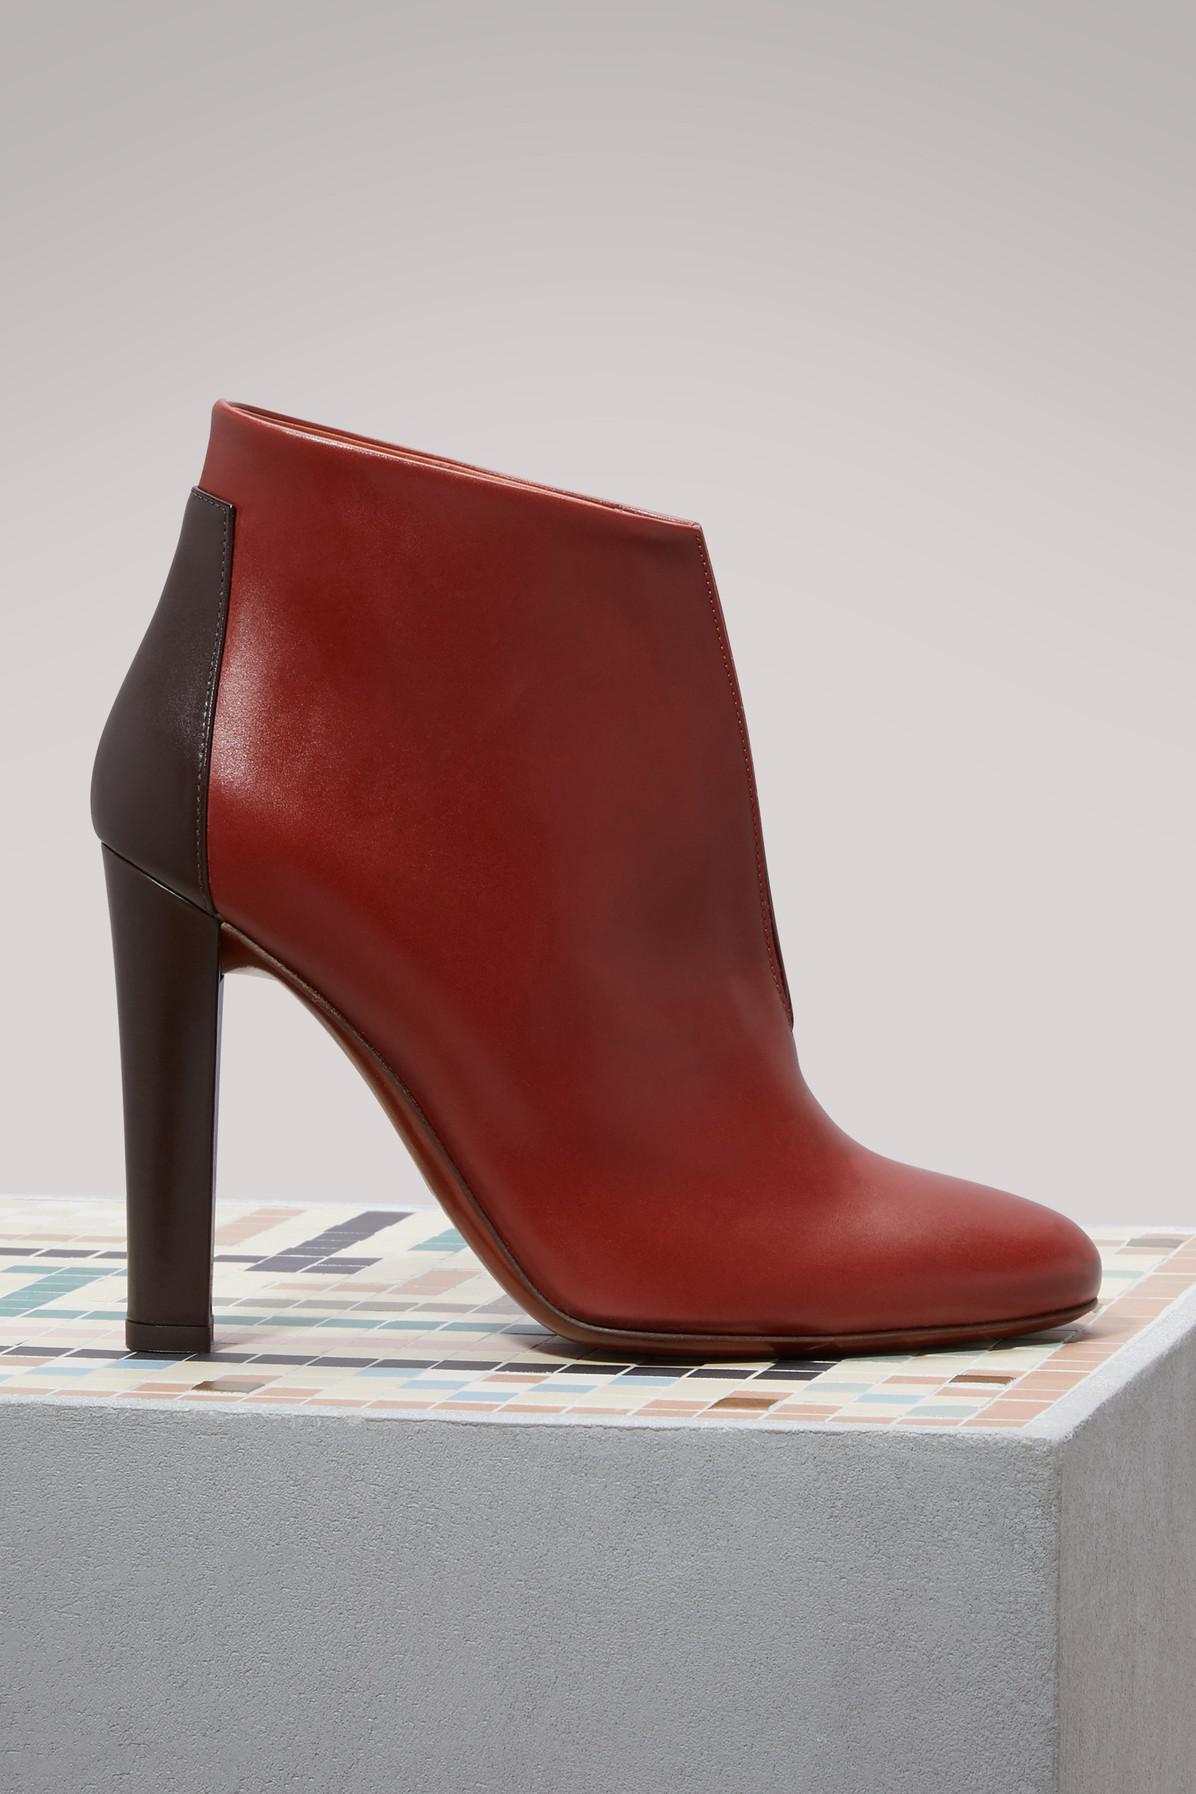 FOOTWEAR - Ankle boots Michel Vivien Discount Excellent Cheap Cheap Online Footaction Online xClG8B